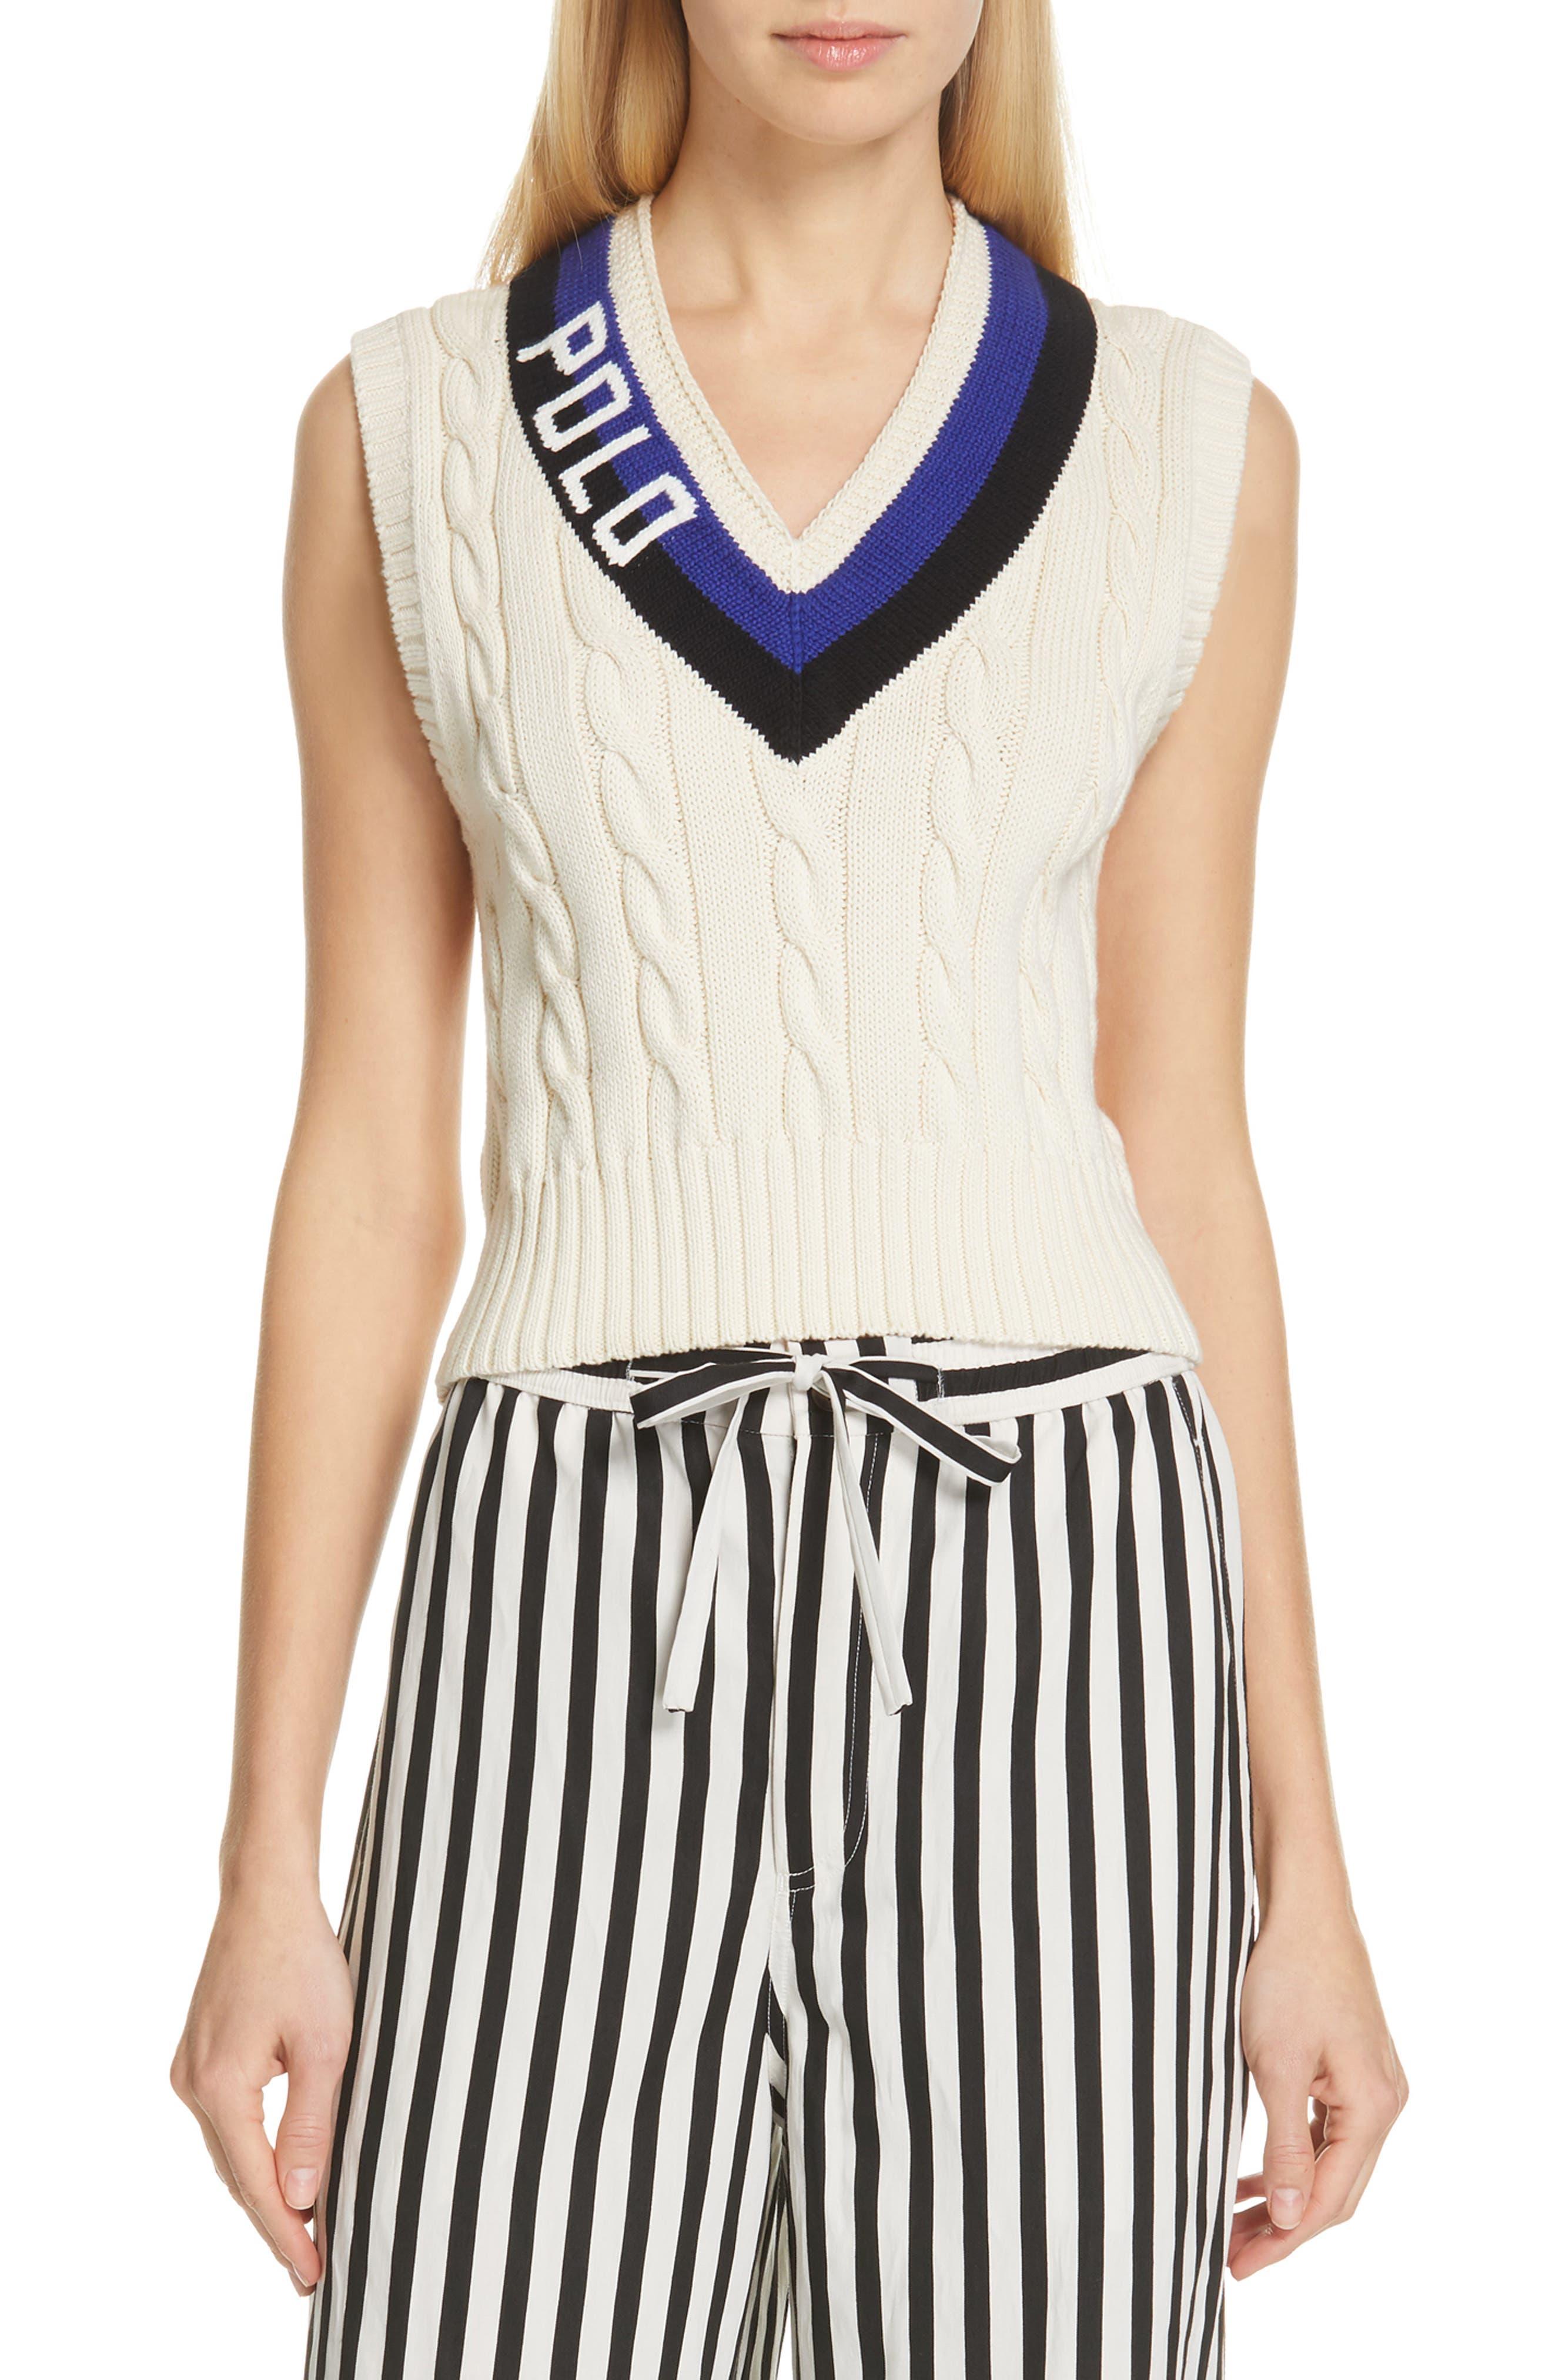 POLO RALPH LAUREN, Cable Sweater Vest, Main thumbnail 1, color, CREAM/ BLACK/ ROYAL